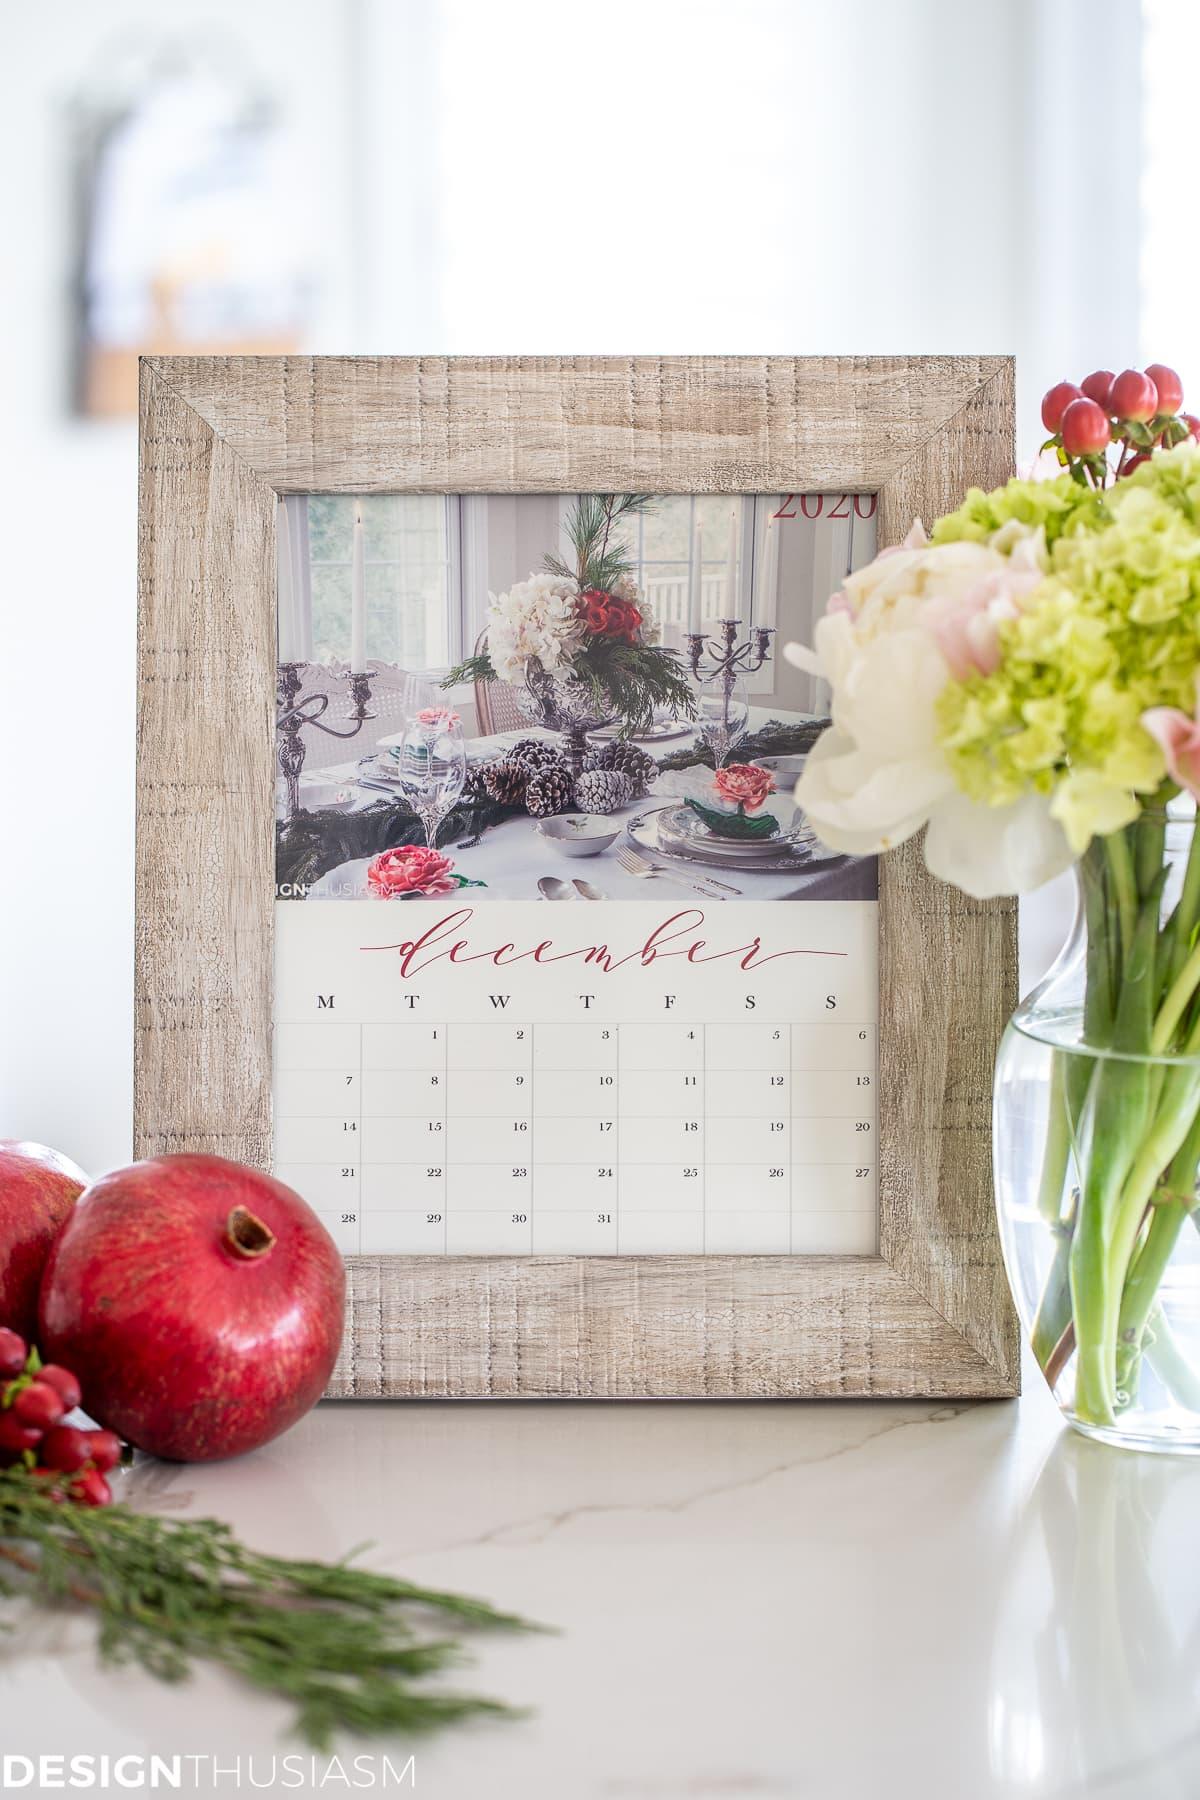 FREE Printable 2020 Calendar from designthusiasm